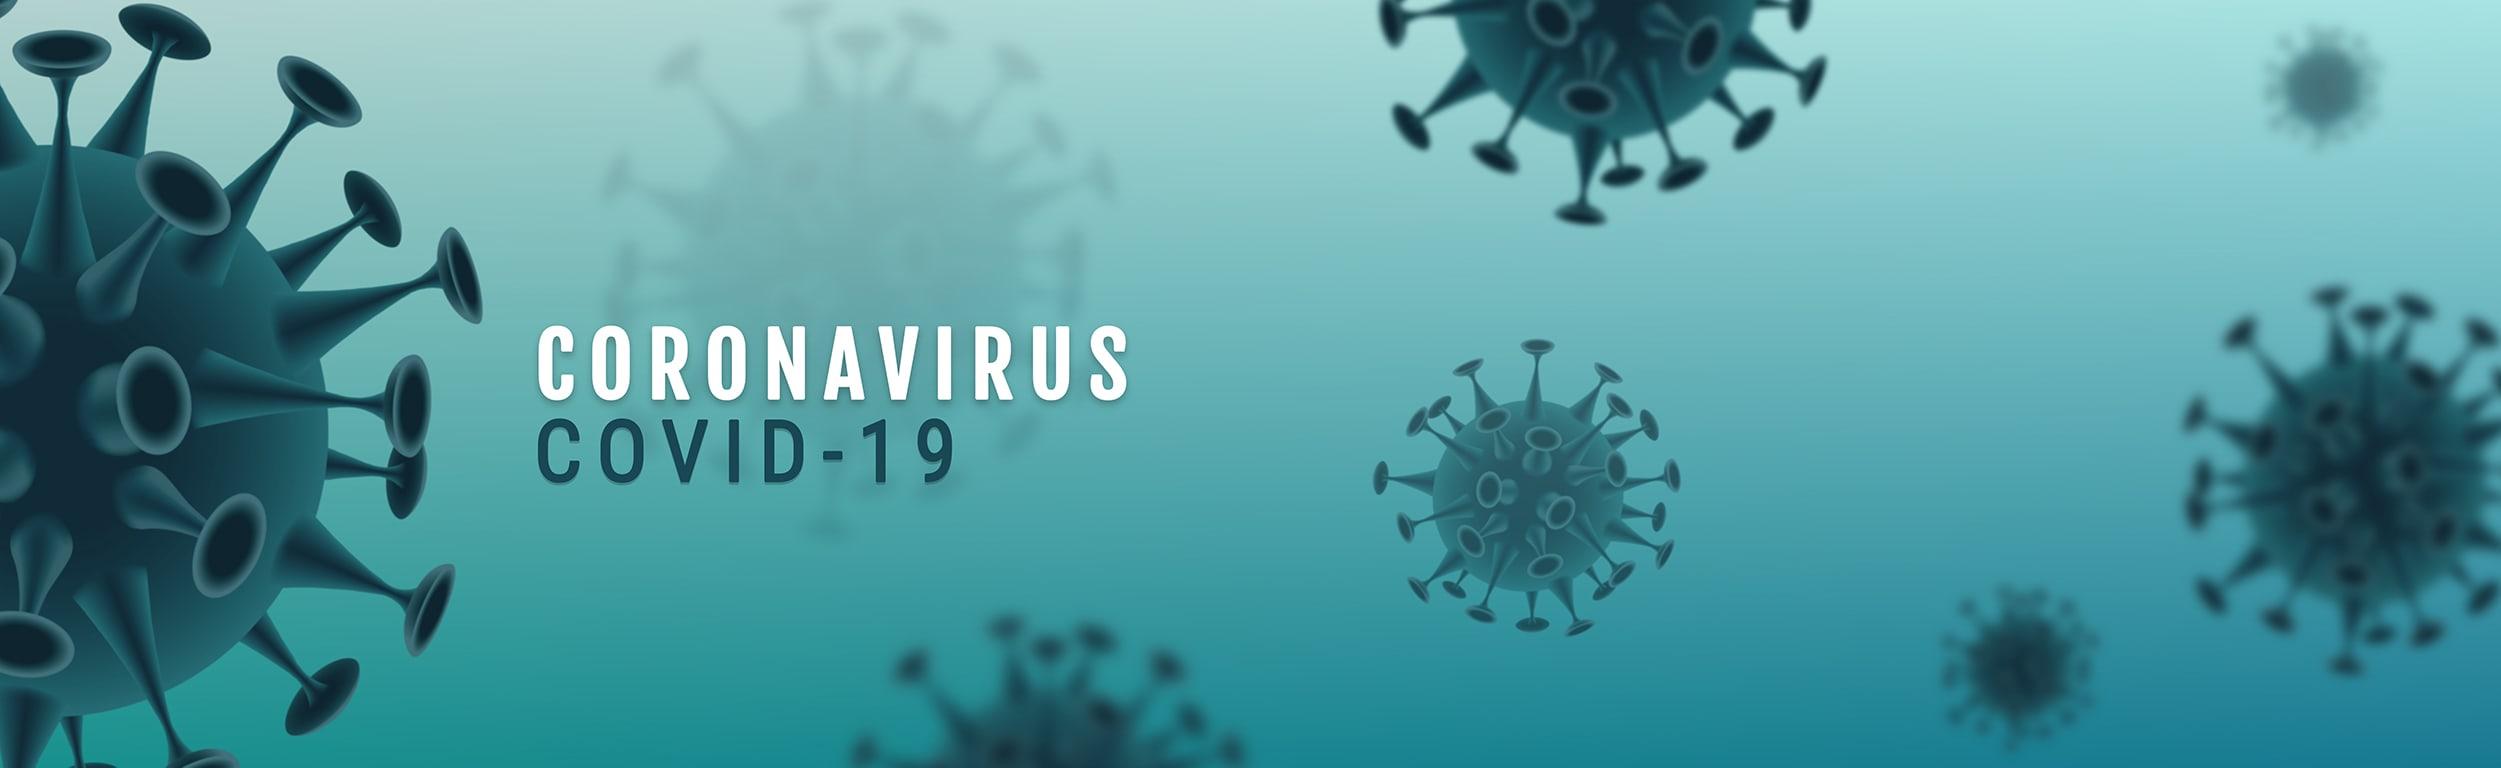 Coronavirus-Illustration-1.jpg